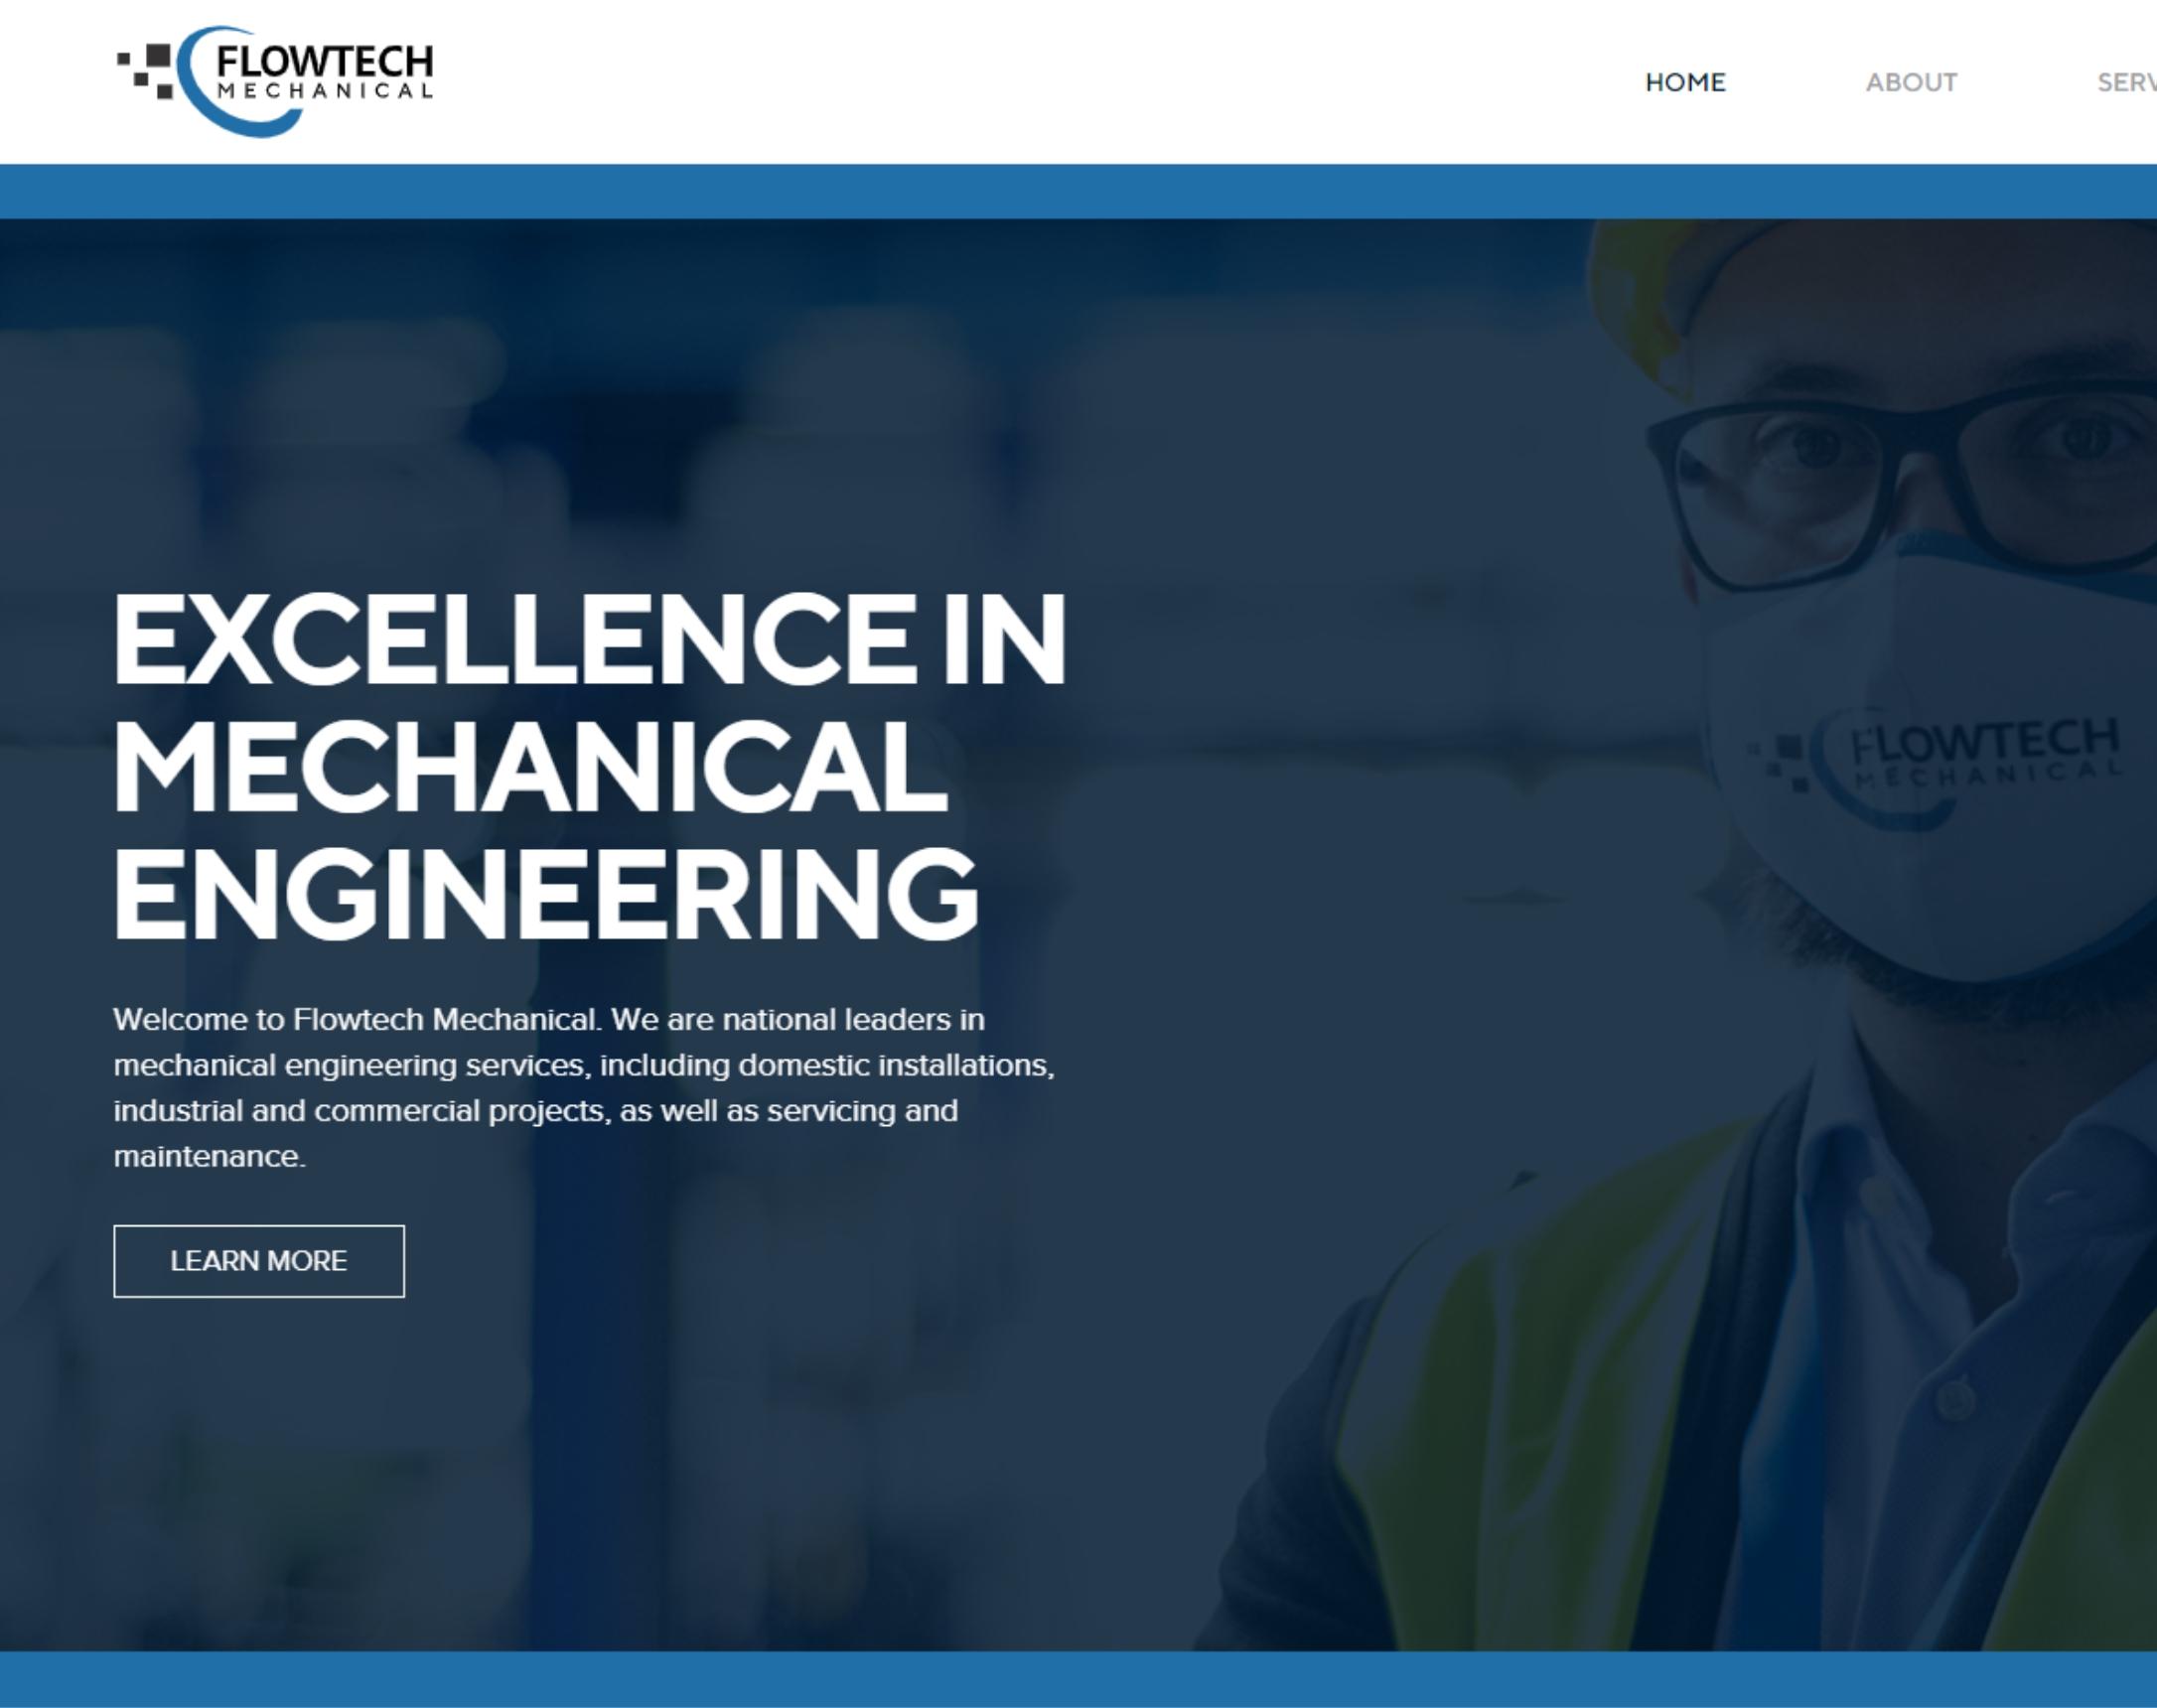 Flowtech Mechanical Flowtech Mechanical are national leaders in mechan...